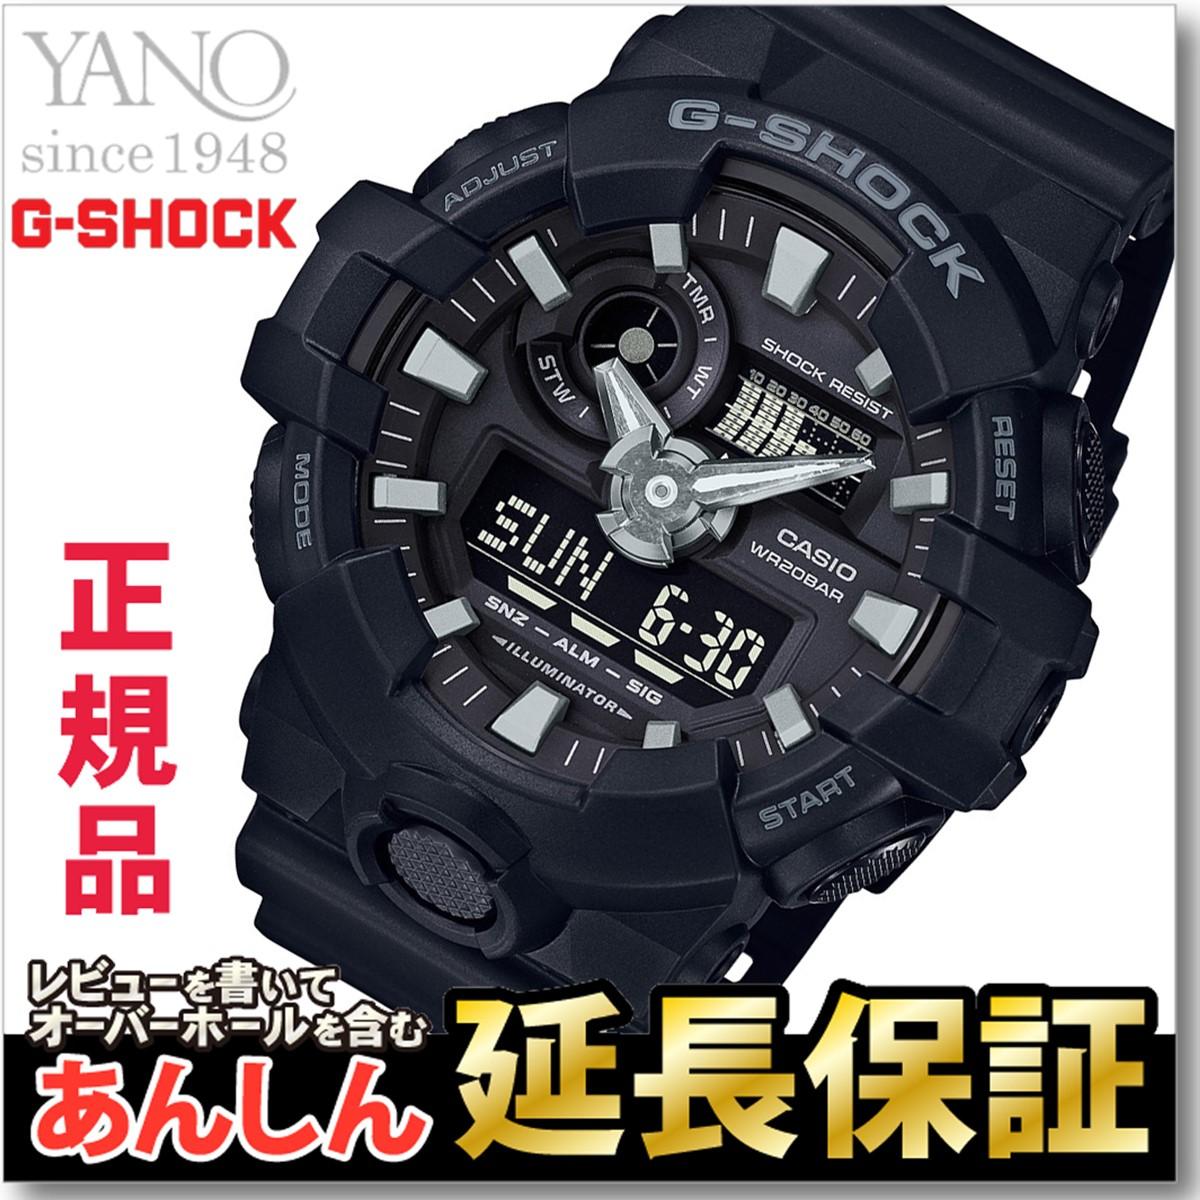 カシオ Gショック GA-700-1BJF ブラック メンズ 腕時計 アナデジ CASIO G-SHOCK【正規品】【1116】【店頭受取対応商品】